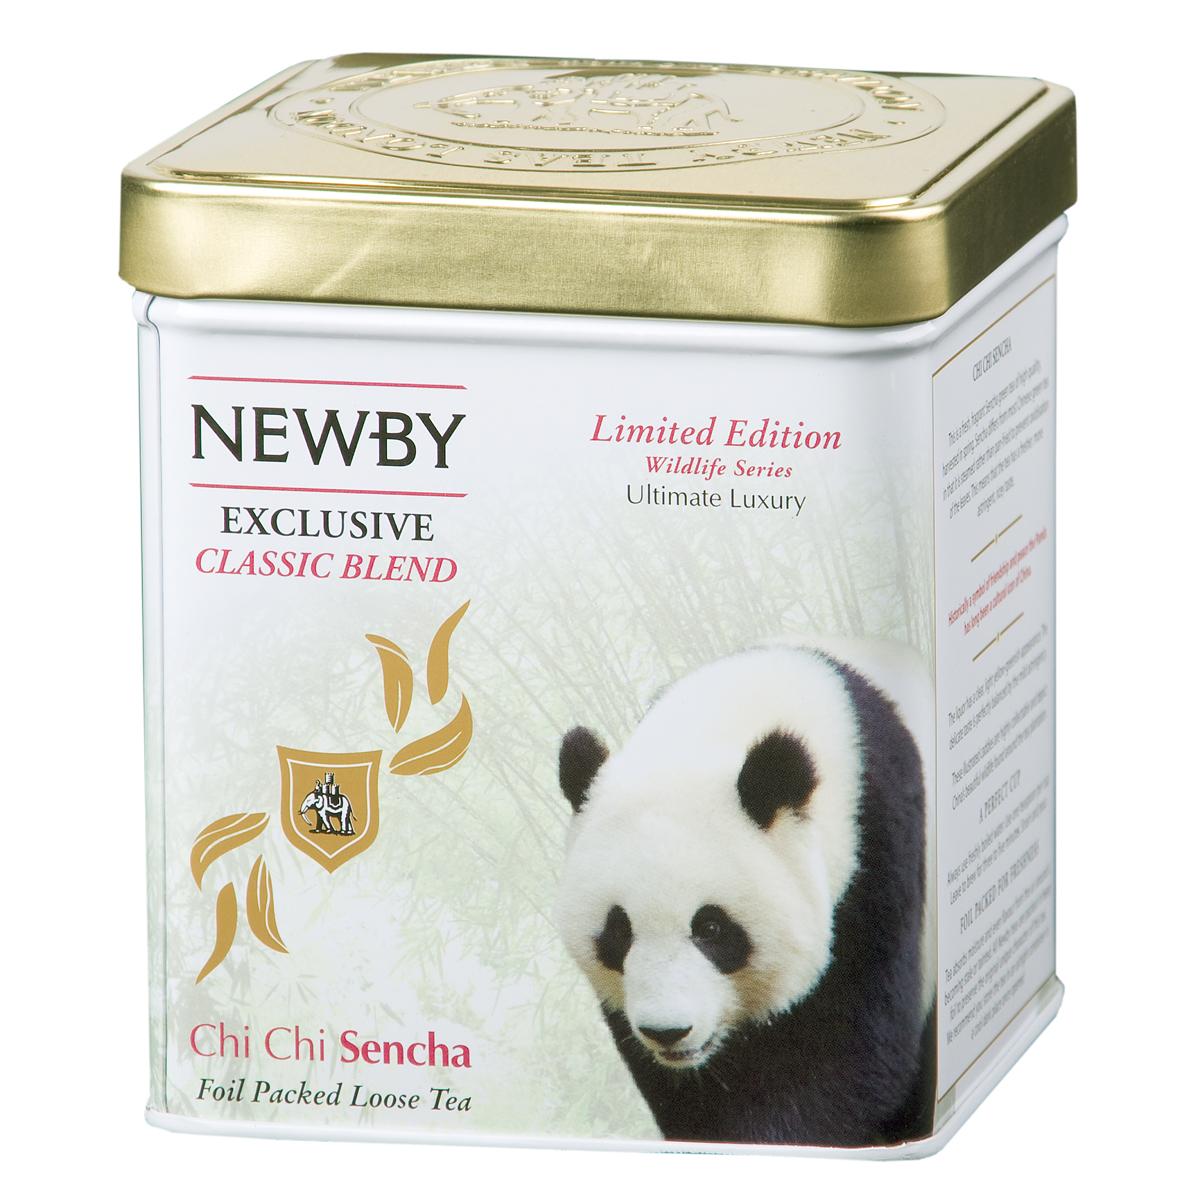 Newby Chi Chi Sencha зеленый листовой чай, 125 г0905-08Традиционный зеленый чай Newby Chi Chi Sencha весеннего сбора. Светлый настой со свежим рисовым ароматом. Панда Чи Чи - китайский символ мира и дружбы.